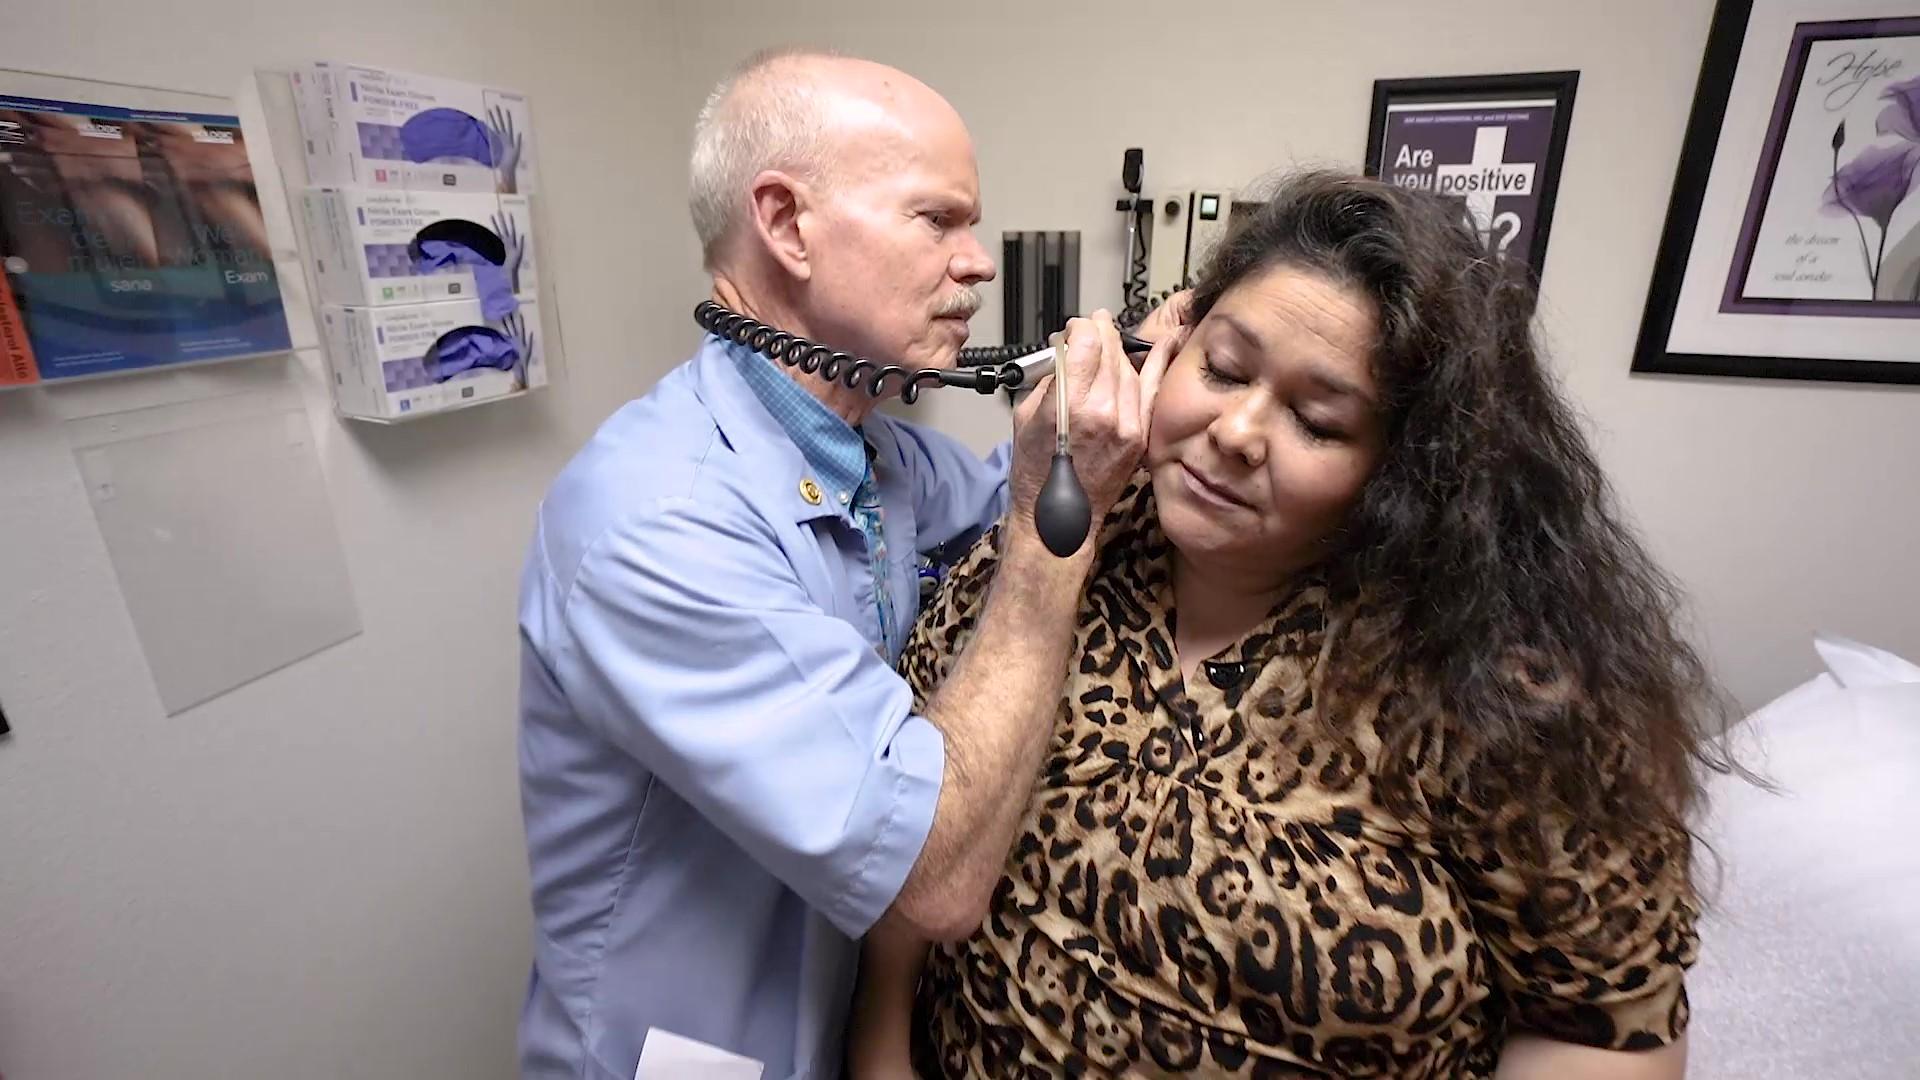 doctor examining ear.jpg